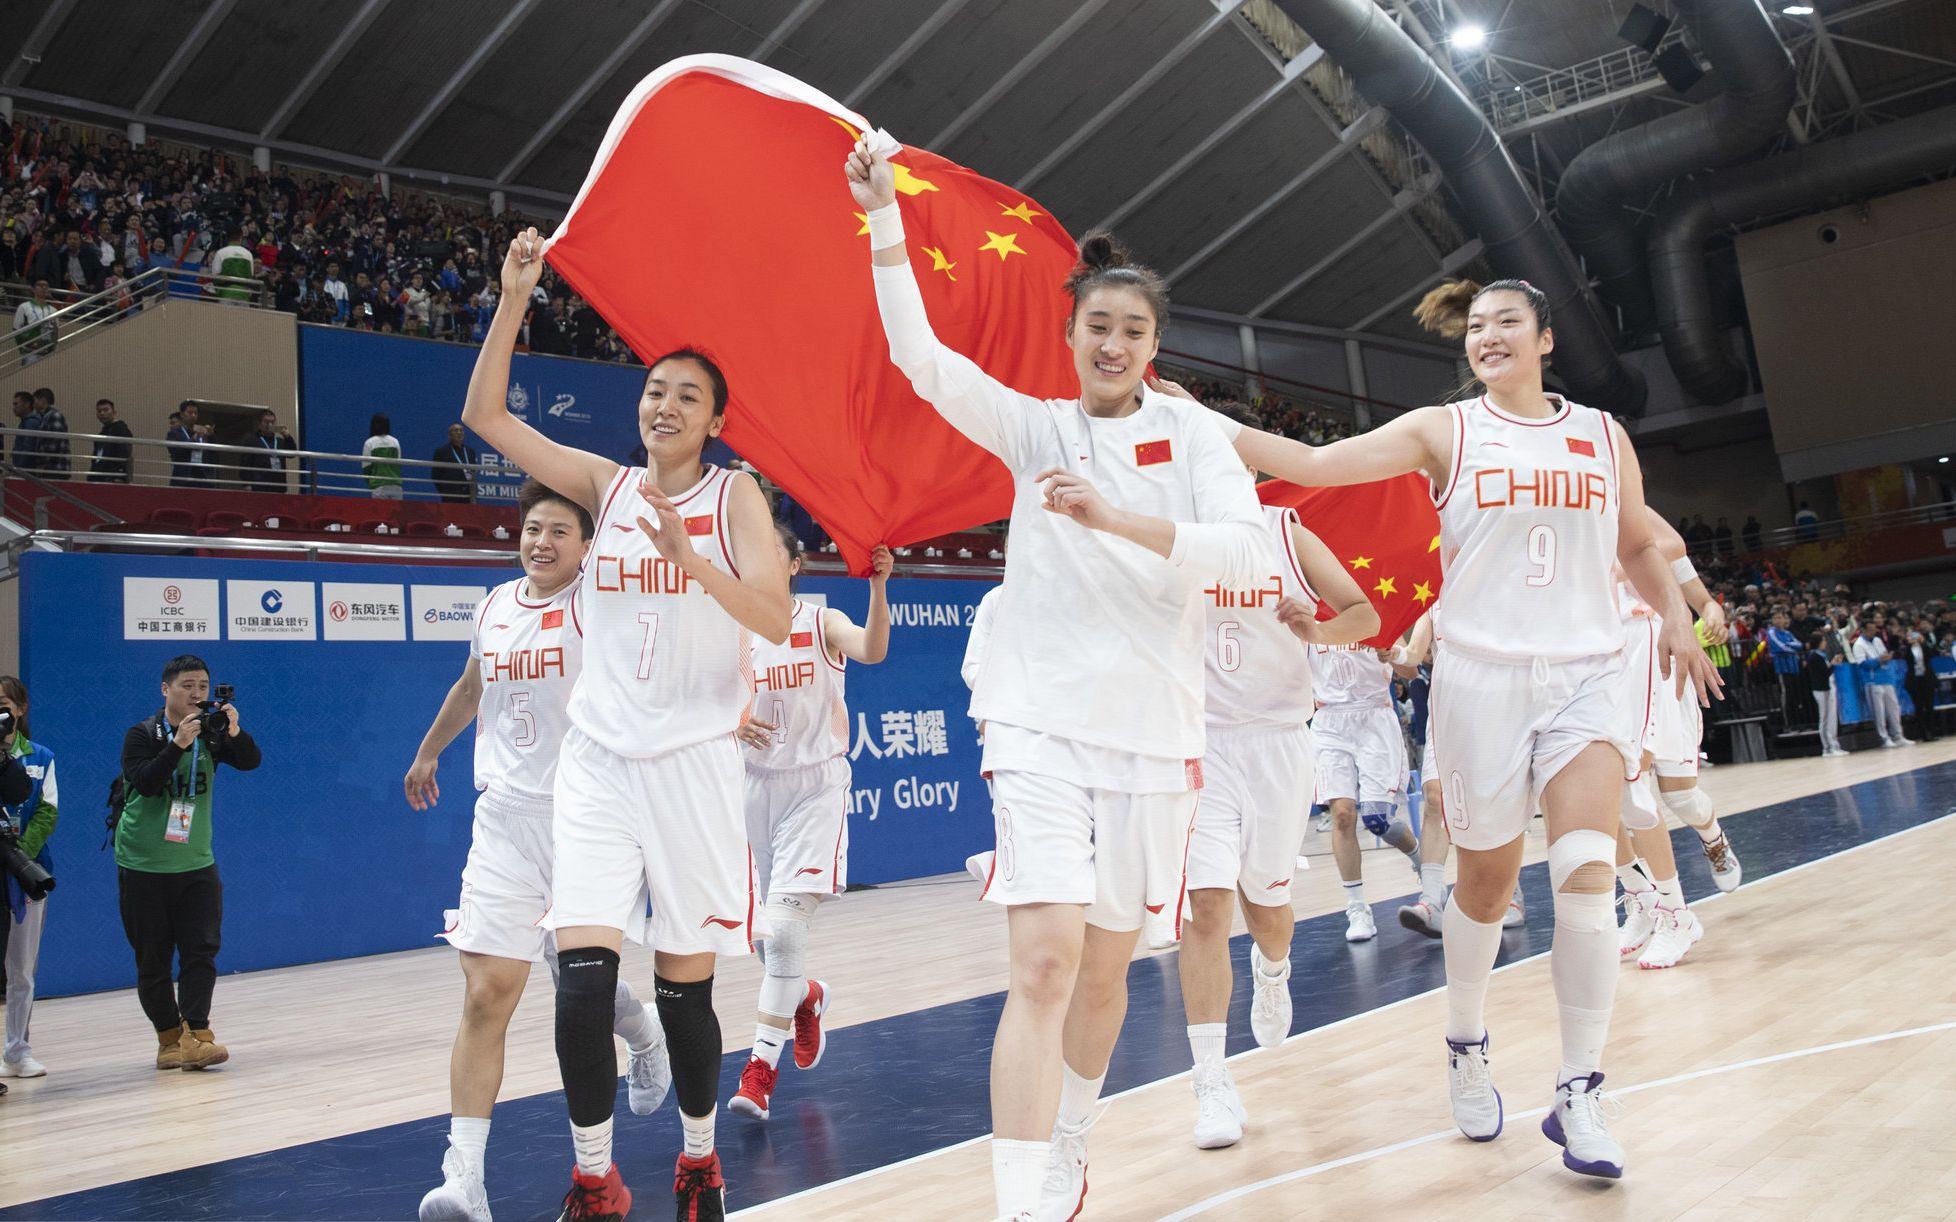 二人性世界漫画军运会女篮决赛大胜巴西,中国队全胜夺冠